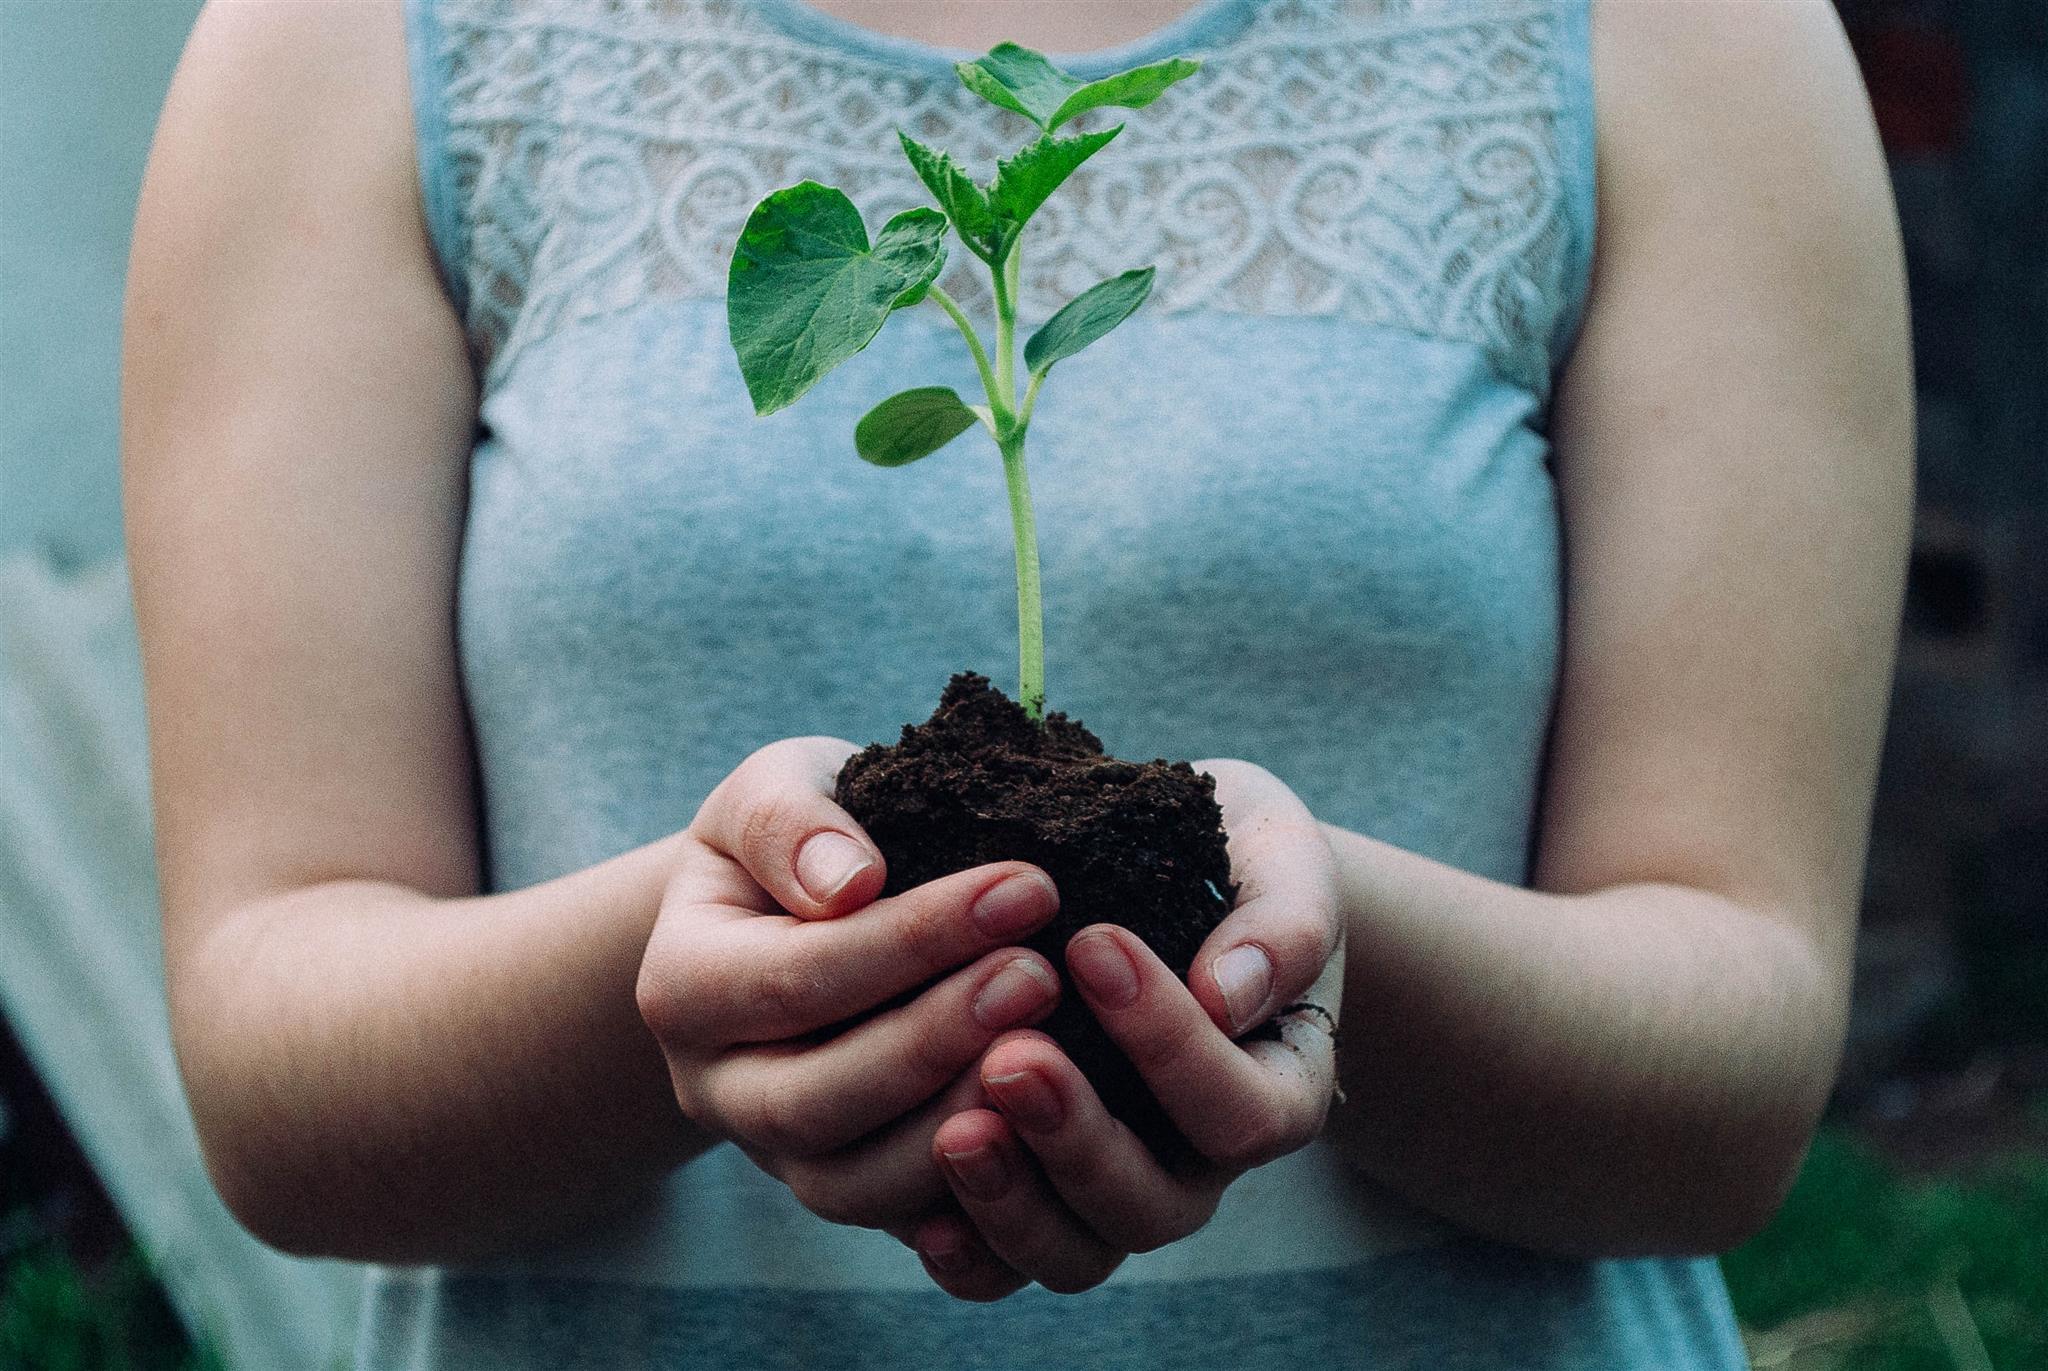 De ontdekkingstocht naar duurzaamheid